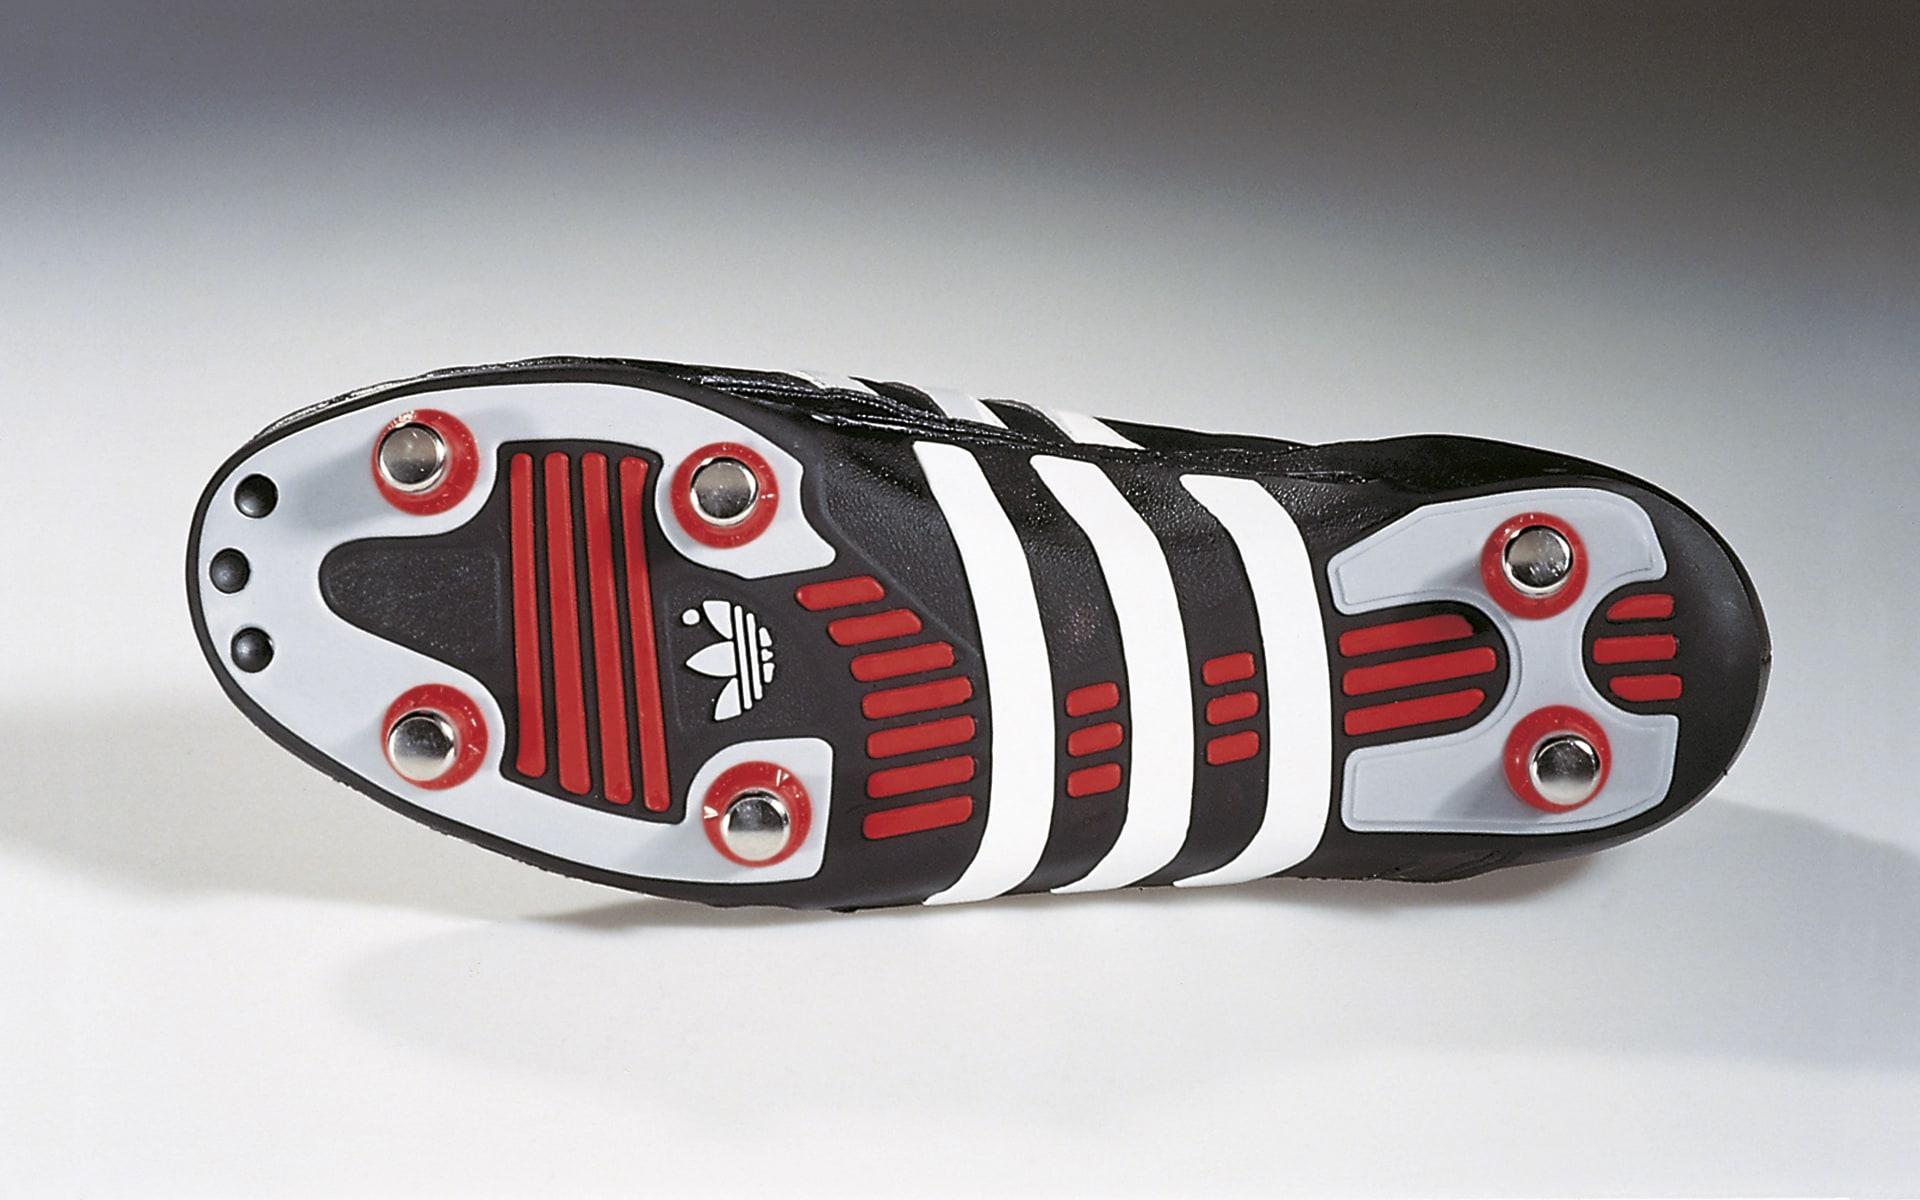 Schwarz-rot-weißer Weltmeister Fußballschuh von ITO Design für Adidas, 1990 entworfen